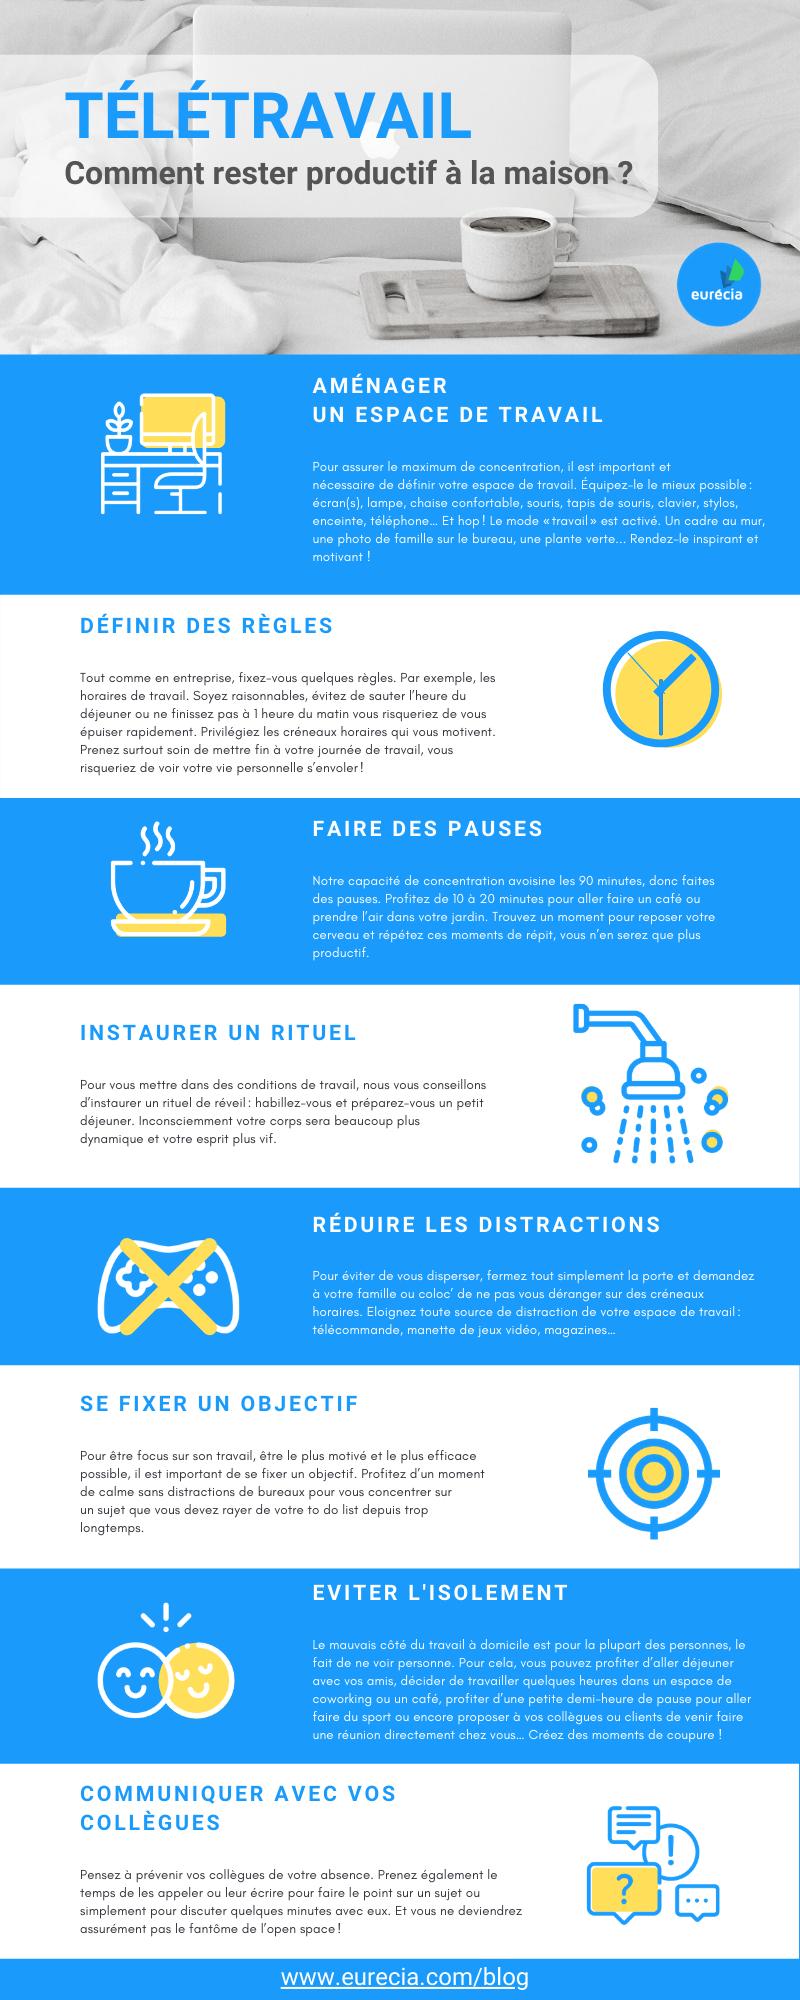 Infographie_eurecia_comment_etre_productif_a_la_maison_teletravail.png